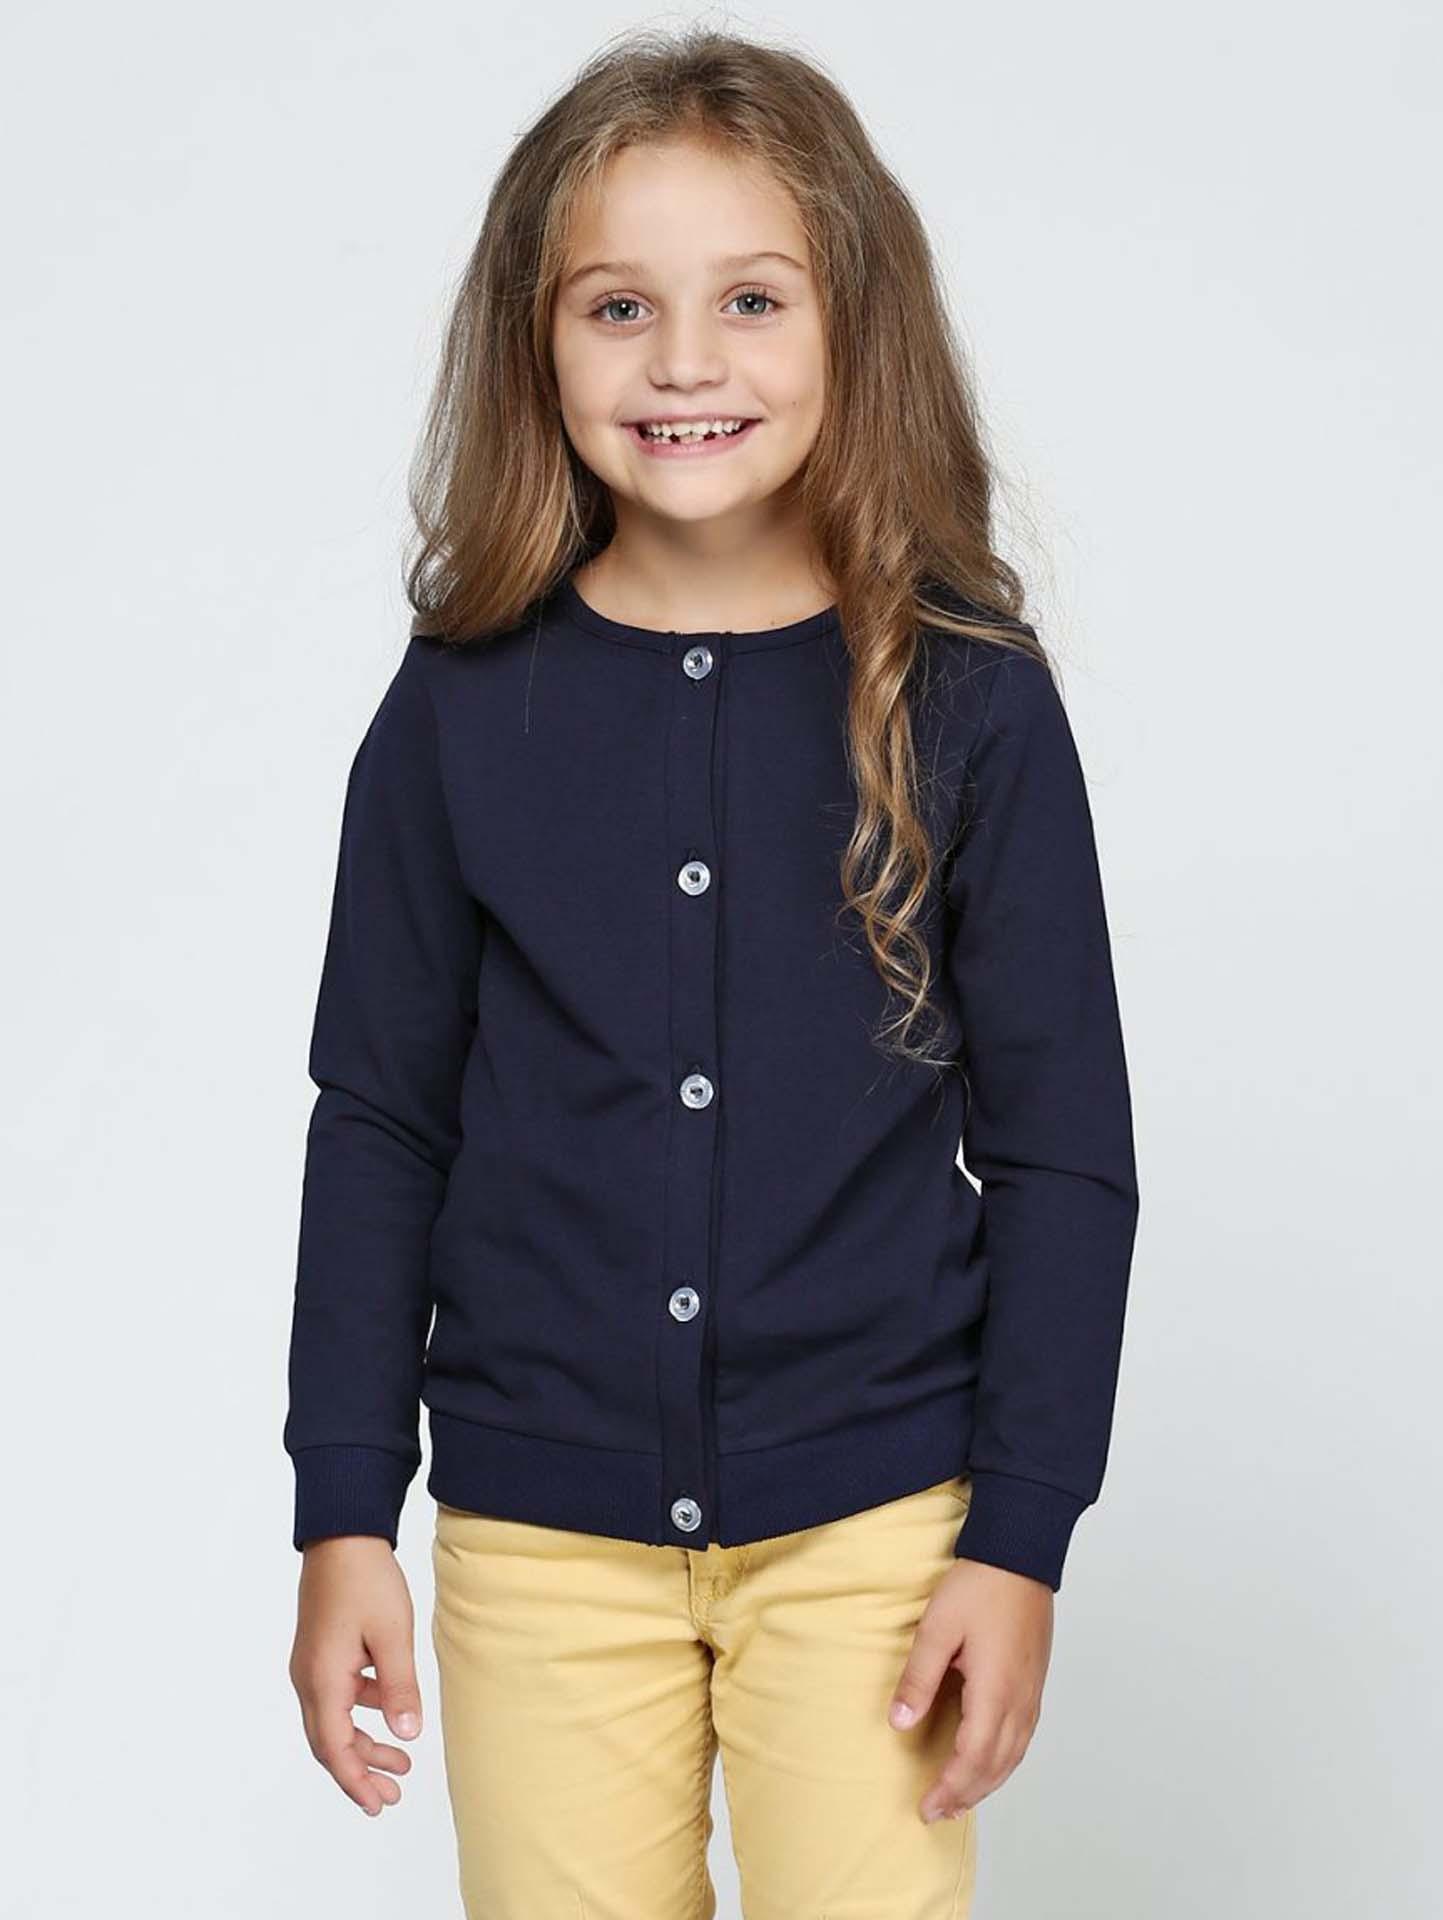 Одежда для девочек  Свитера, Вязаный трикотаж   Top Shelf   Купить ... b70185fa145